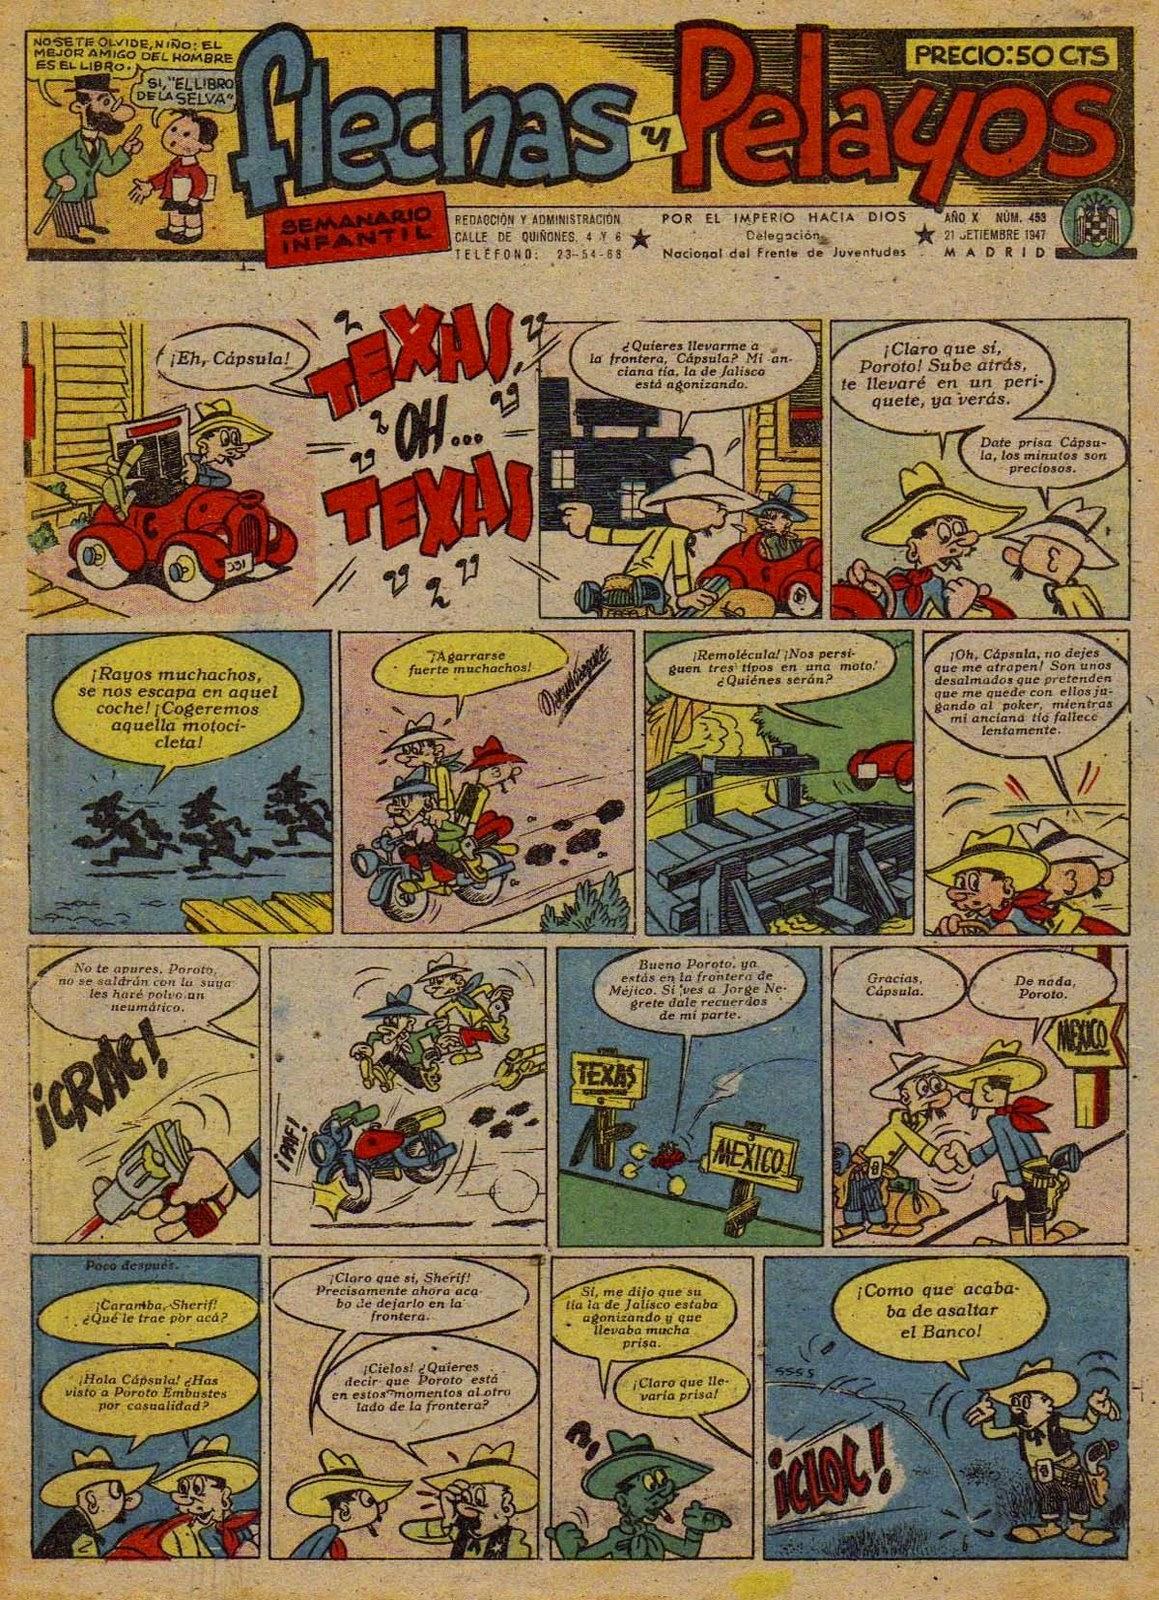 Portada con Capsula Bill, Flechas y Pelayos 483 (1947)